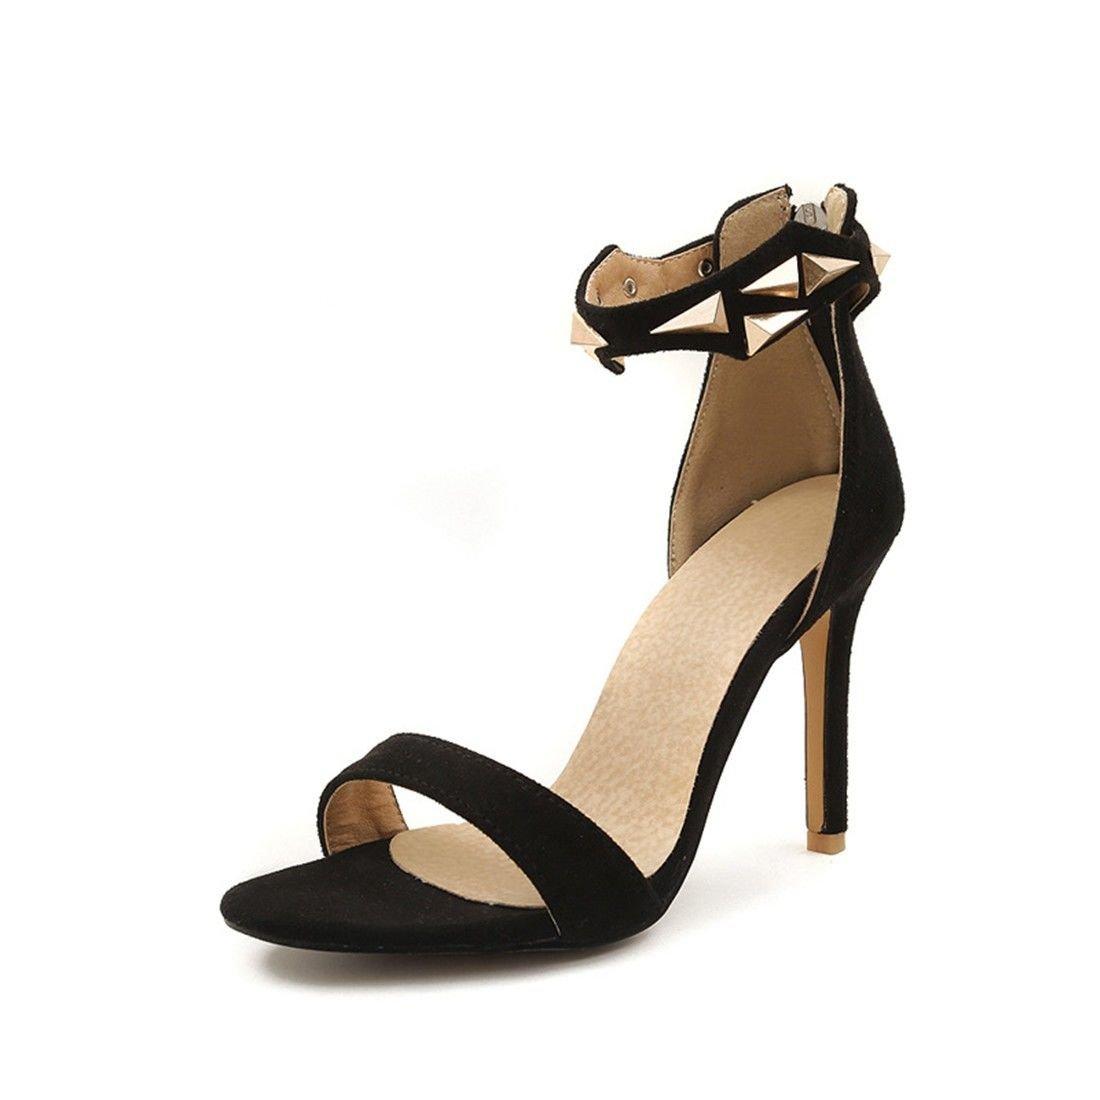 AIKAKA 10792 Chaussures Femmes pour Femmes Printemps Été Haut Été Talon à Glissière Sandales Black 80ee725 - boatplans.space